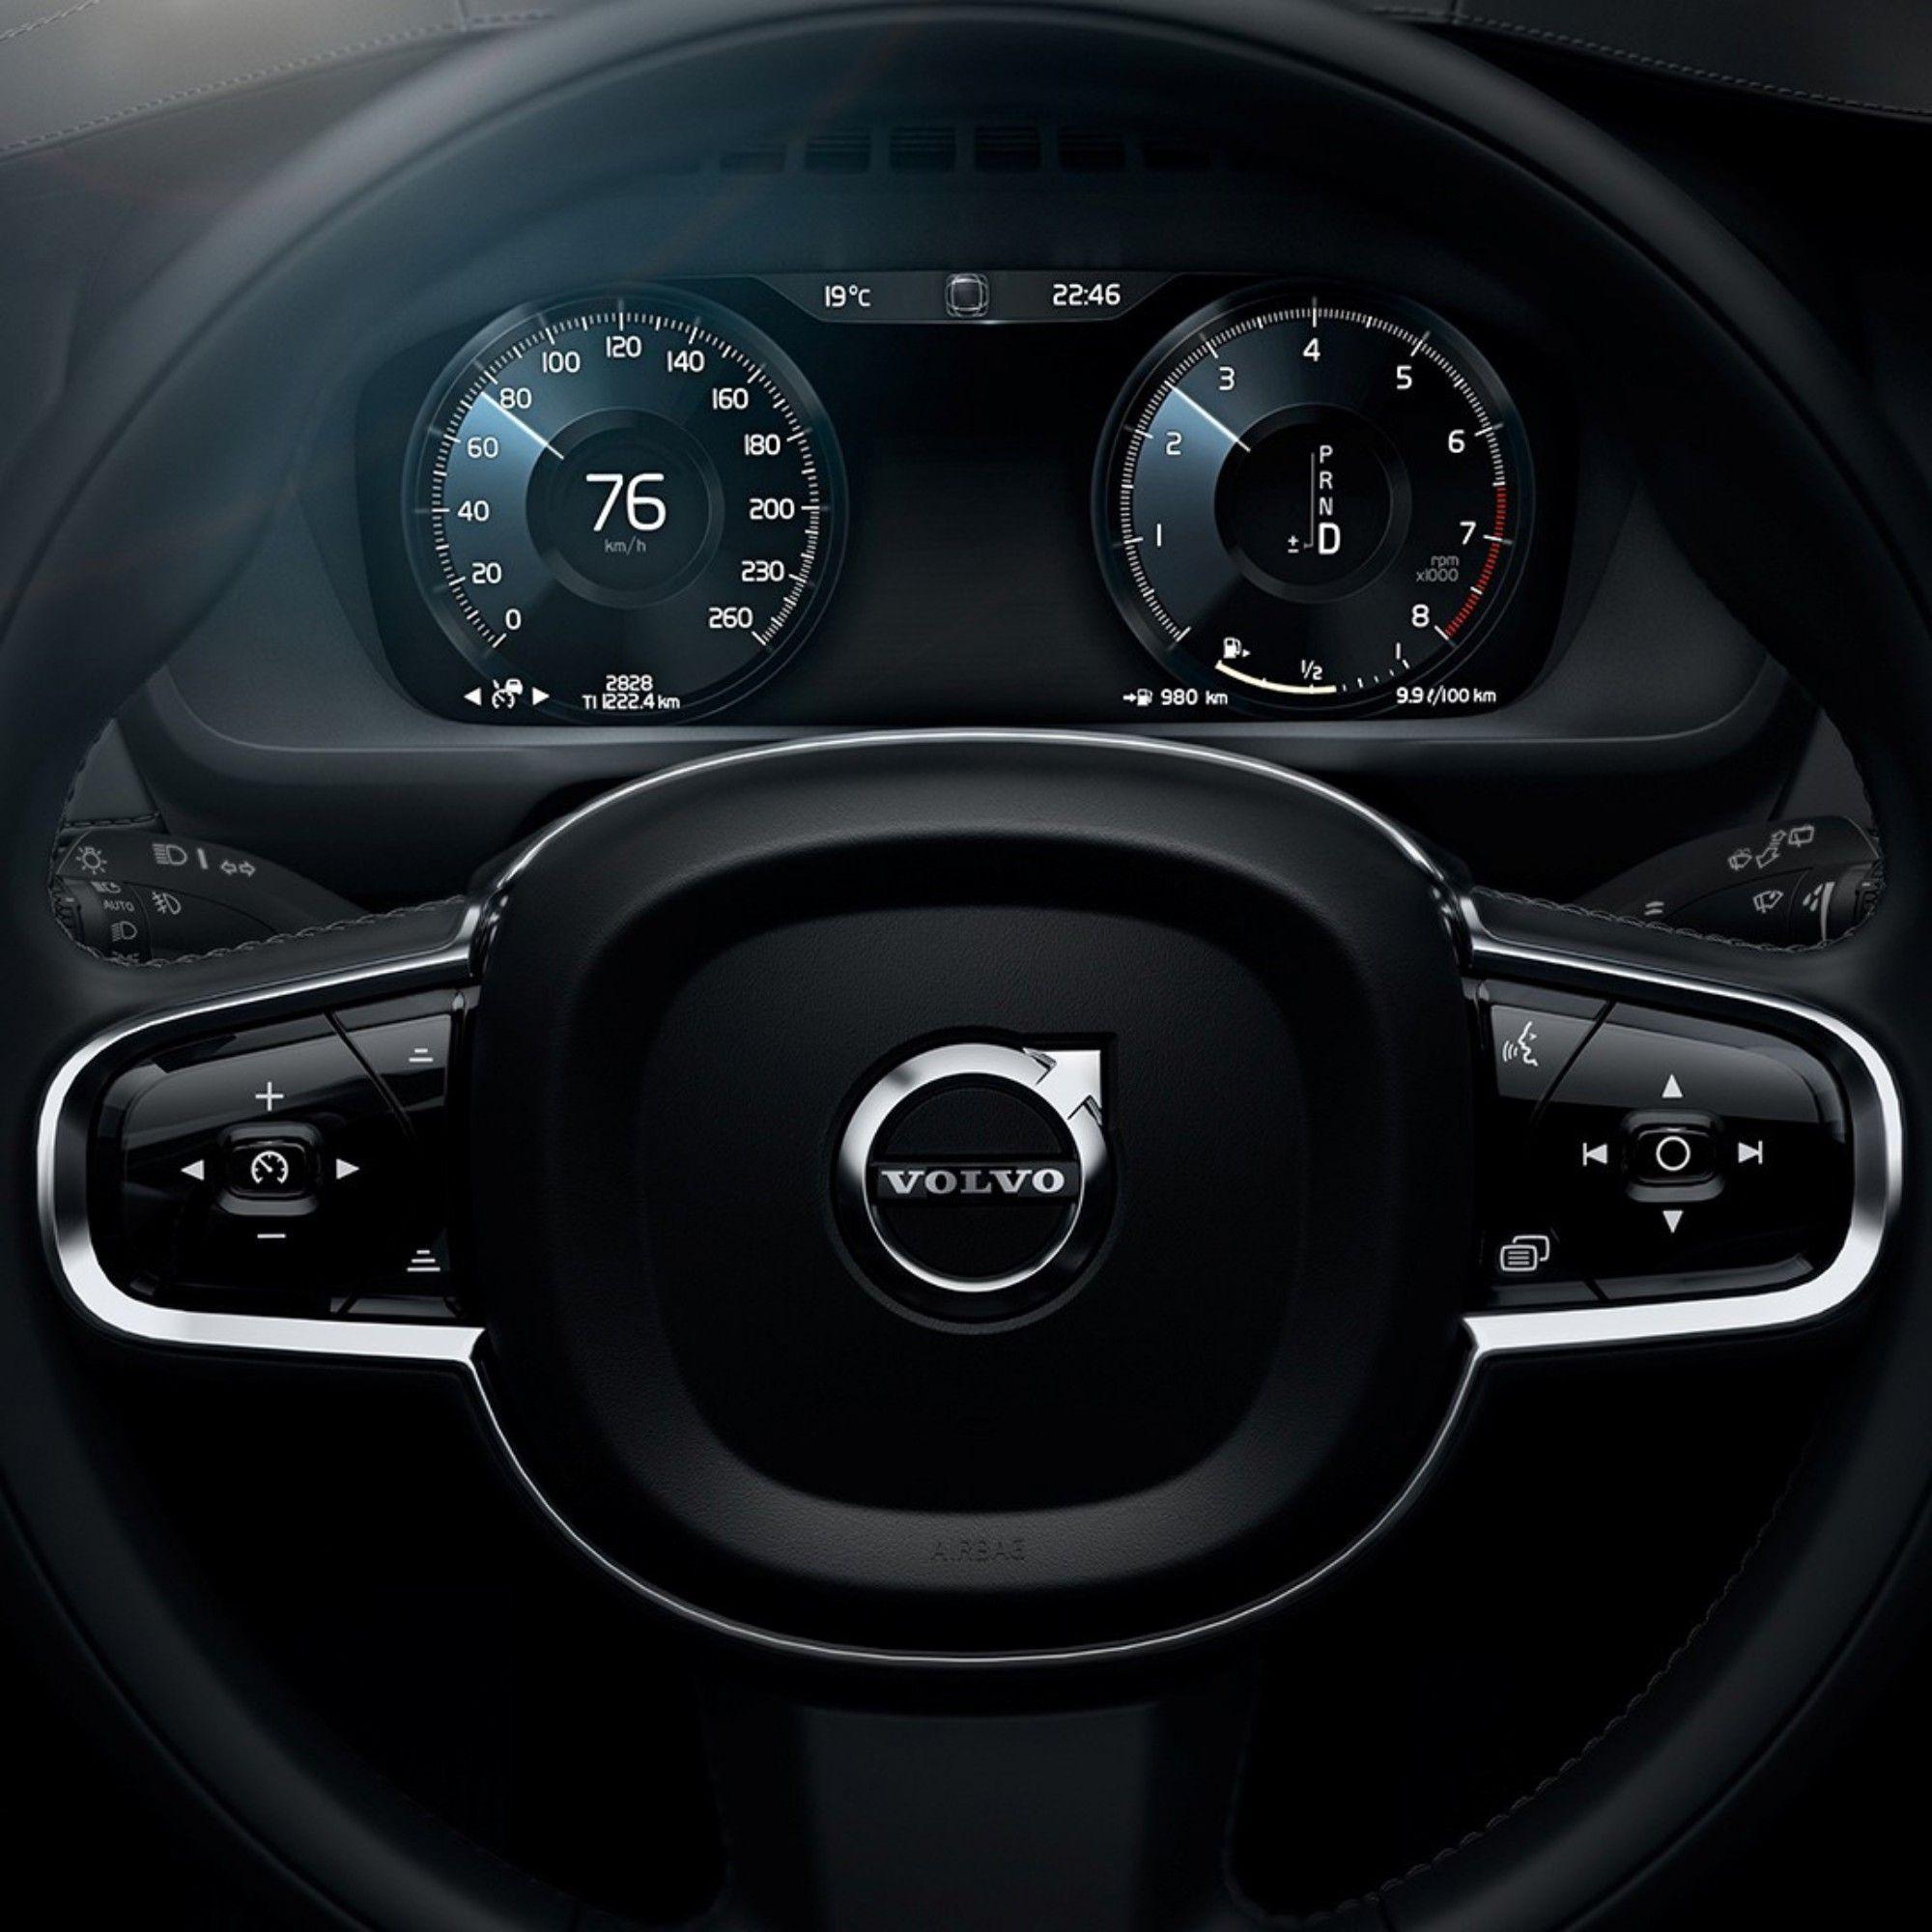 Bmw I8 Dashboard: HMI Espace V RENAULT Autos Renault T Car Ui And Ui